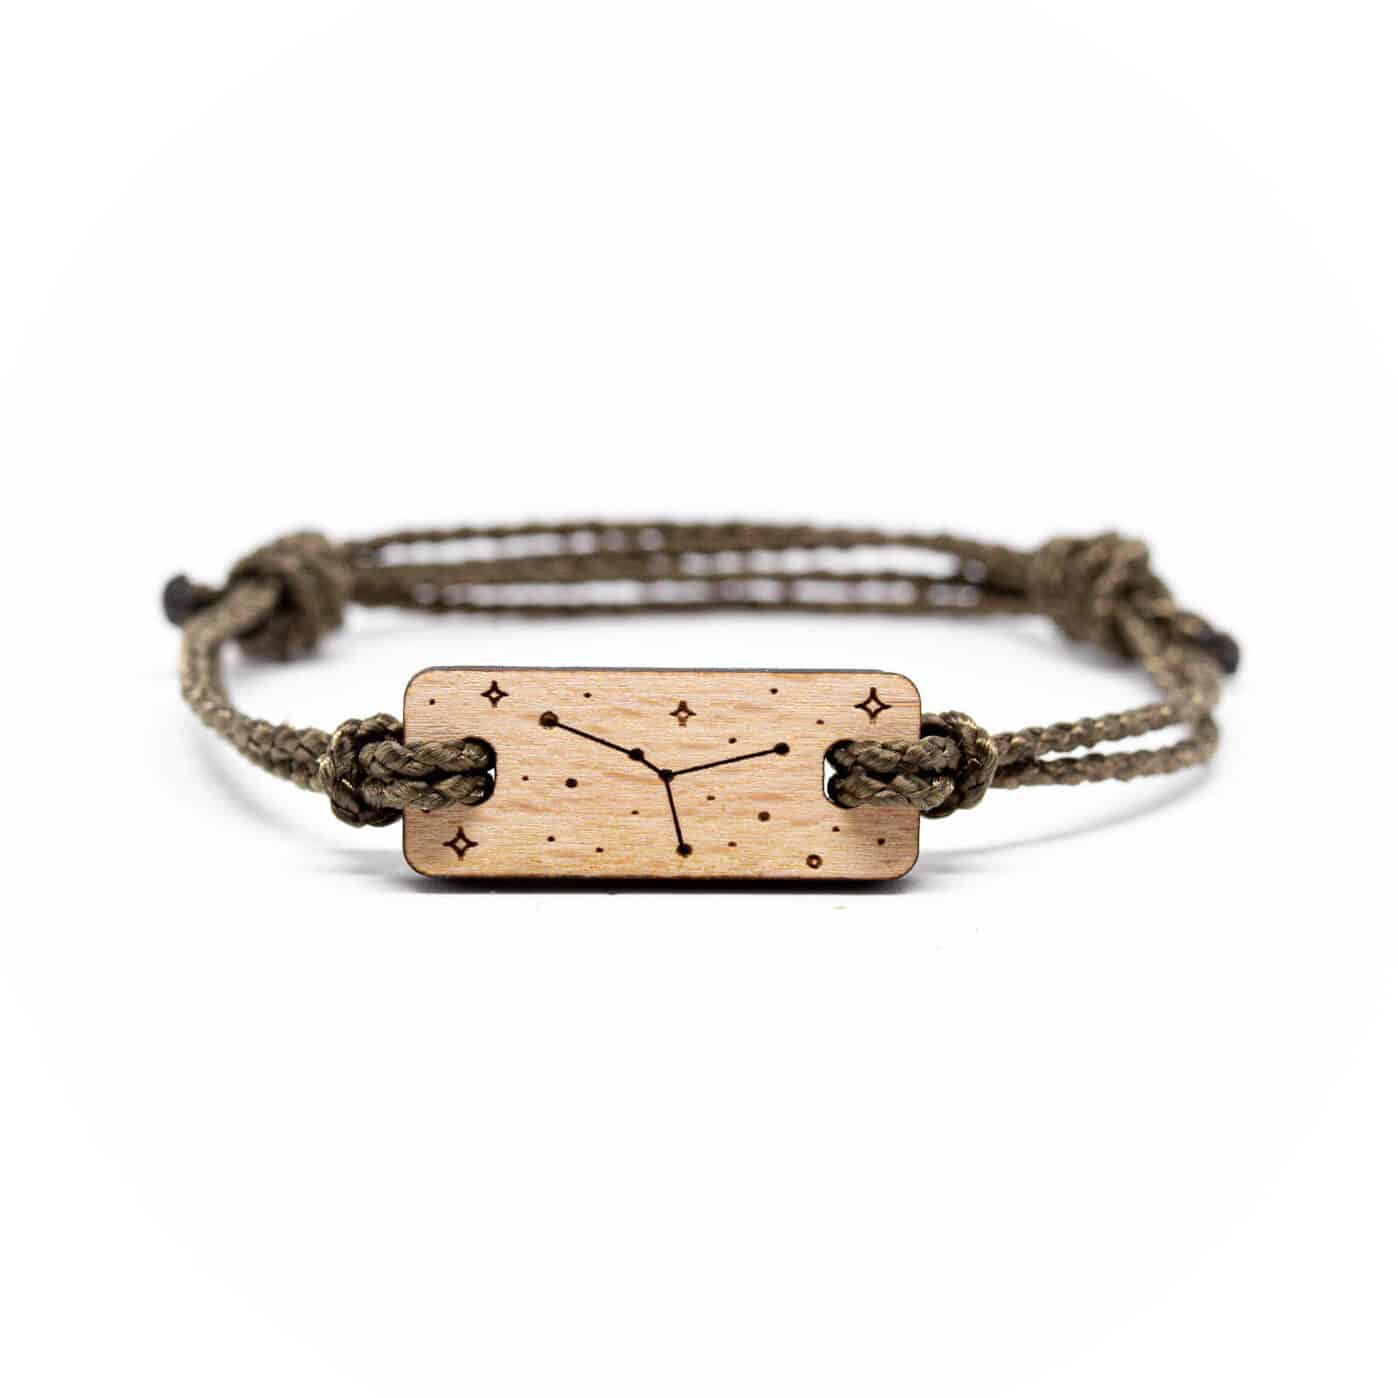 Bracelet en bois signe astrologique cancer